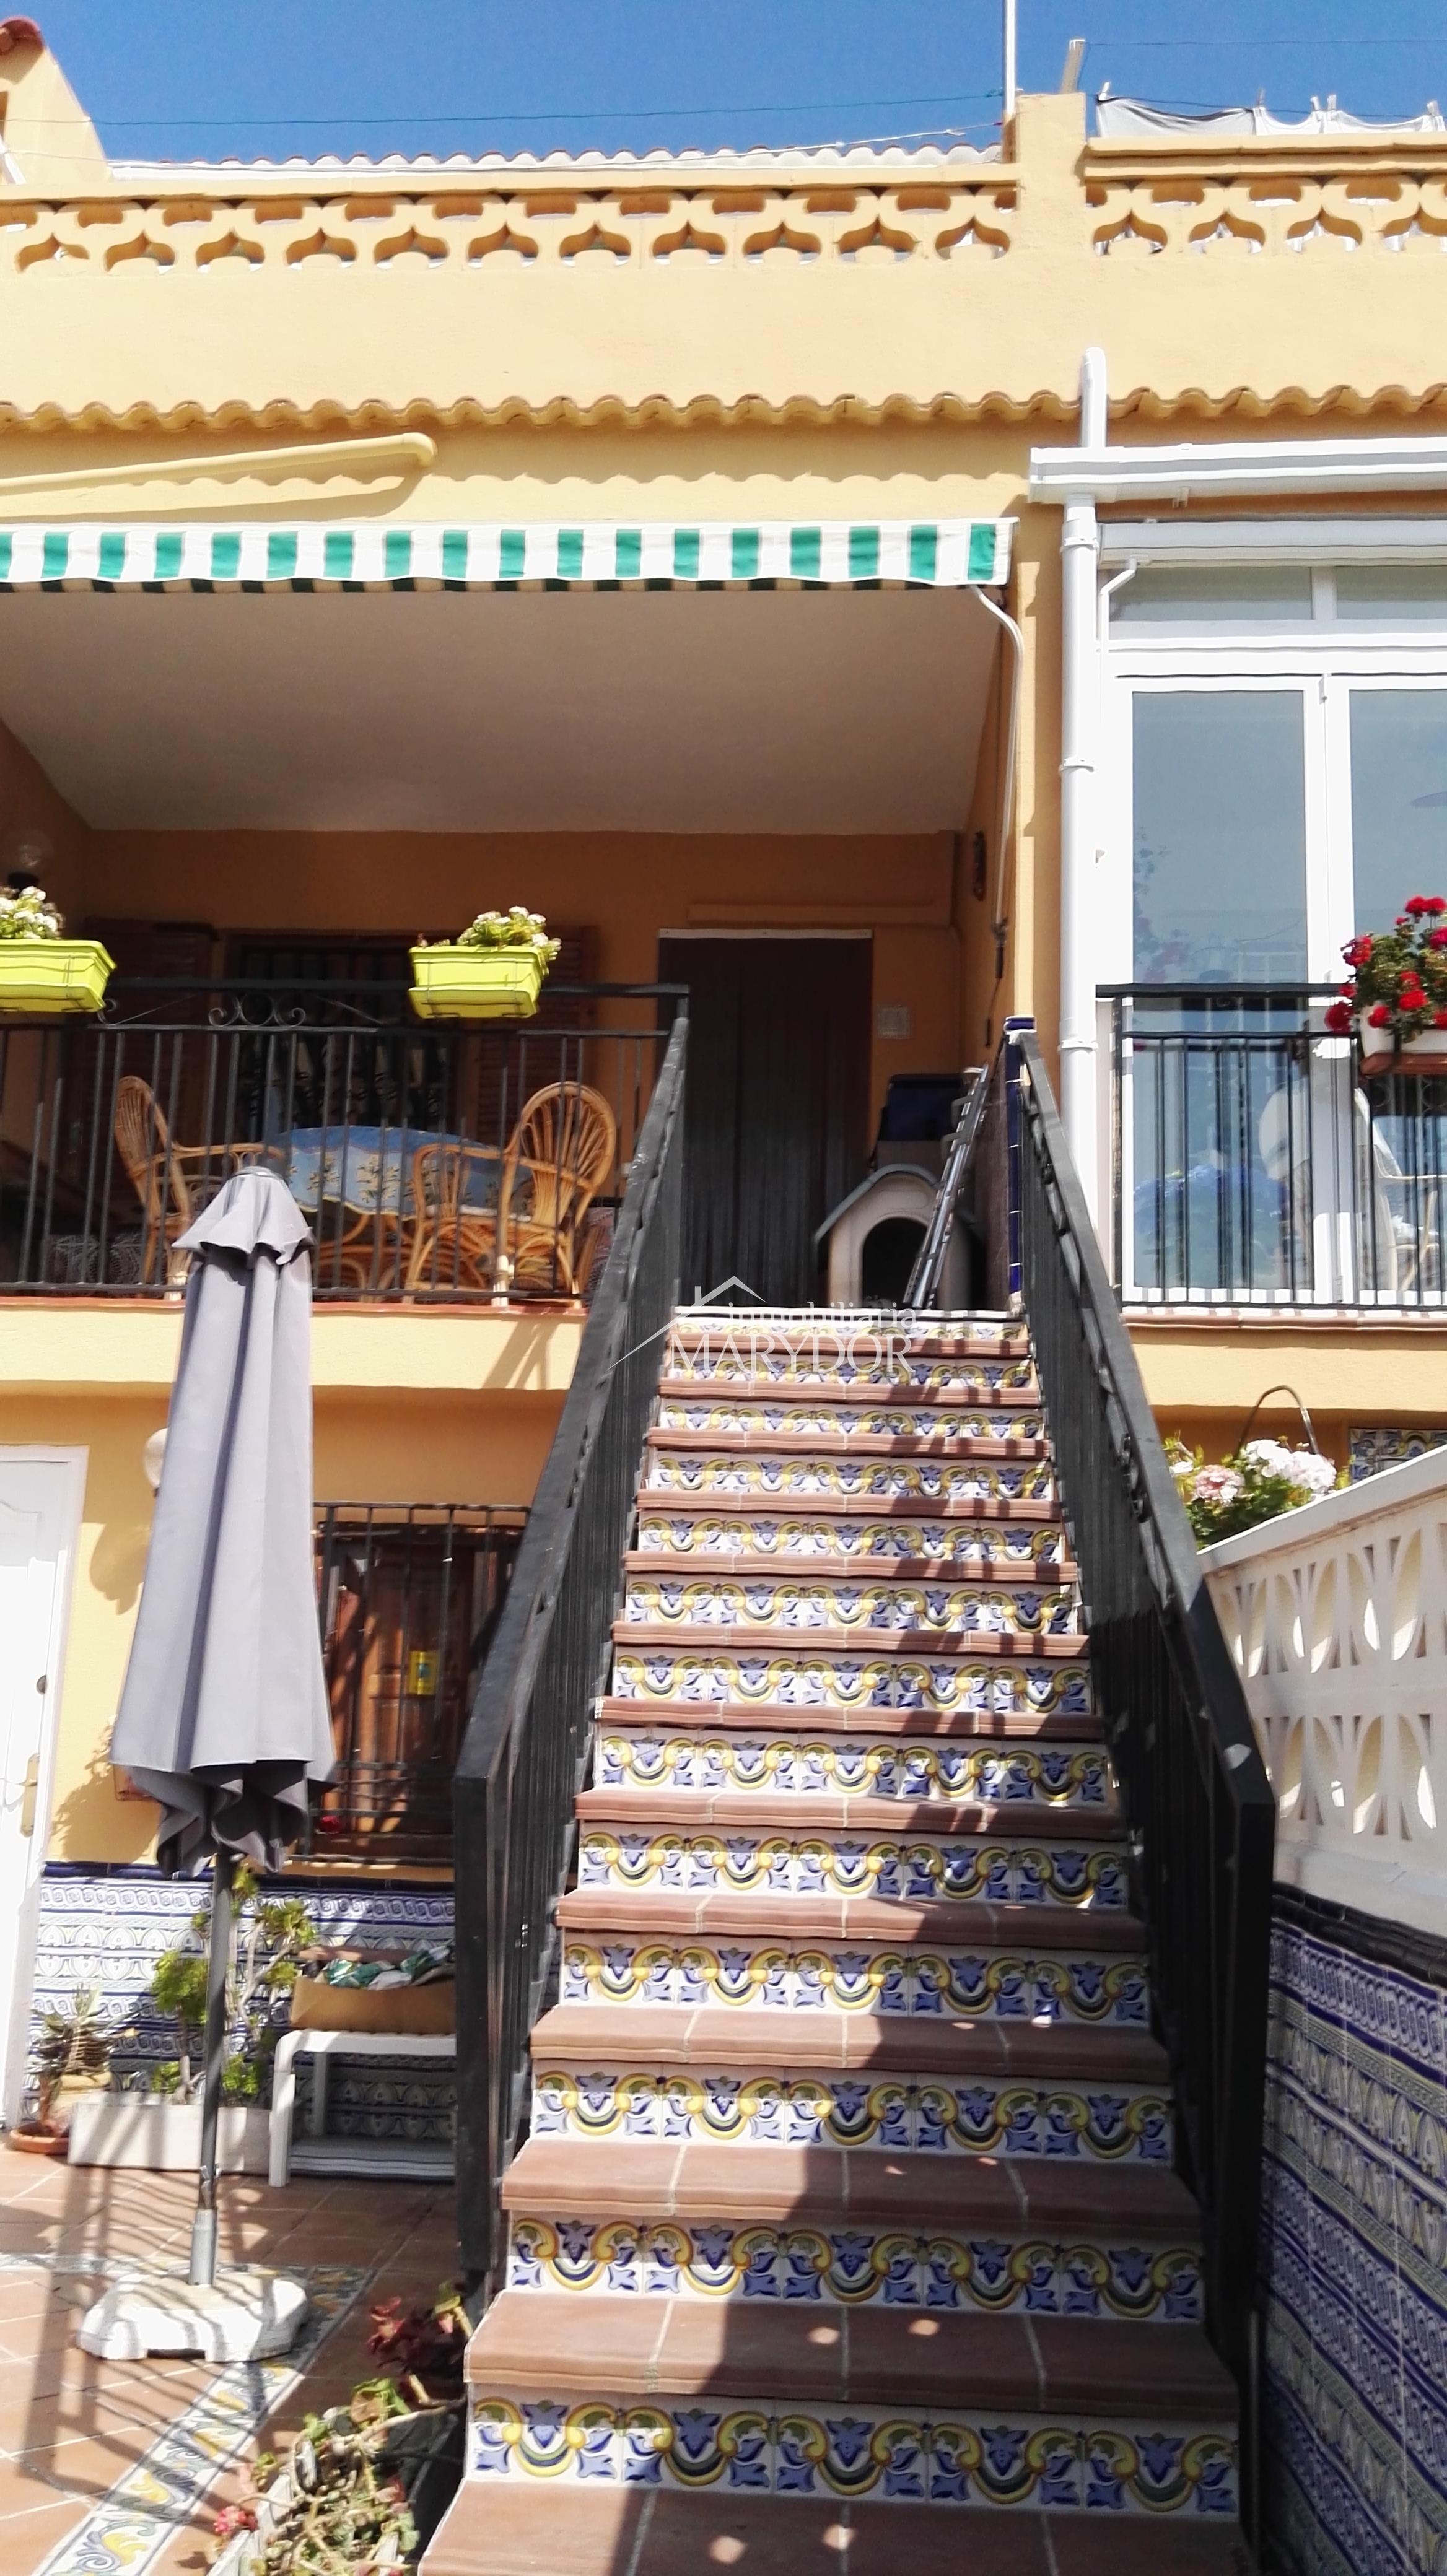 !!!OCASION¡¡¡ Bungalow zona Eurosol. Muy Cerca de la playa, en una bonita urbanización